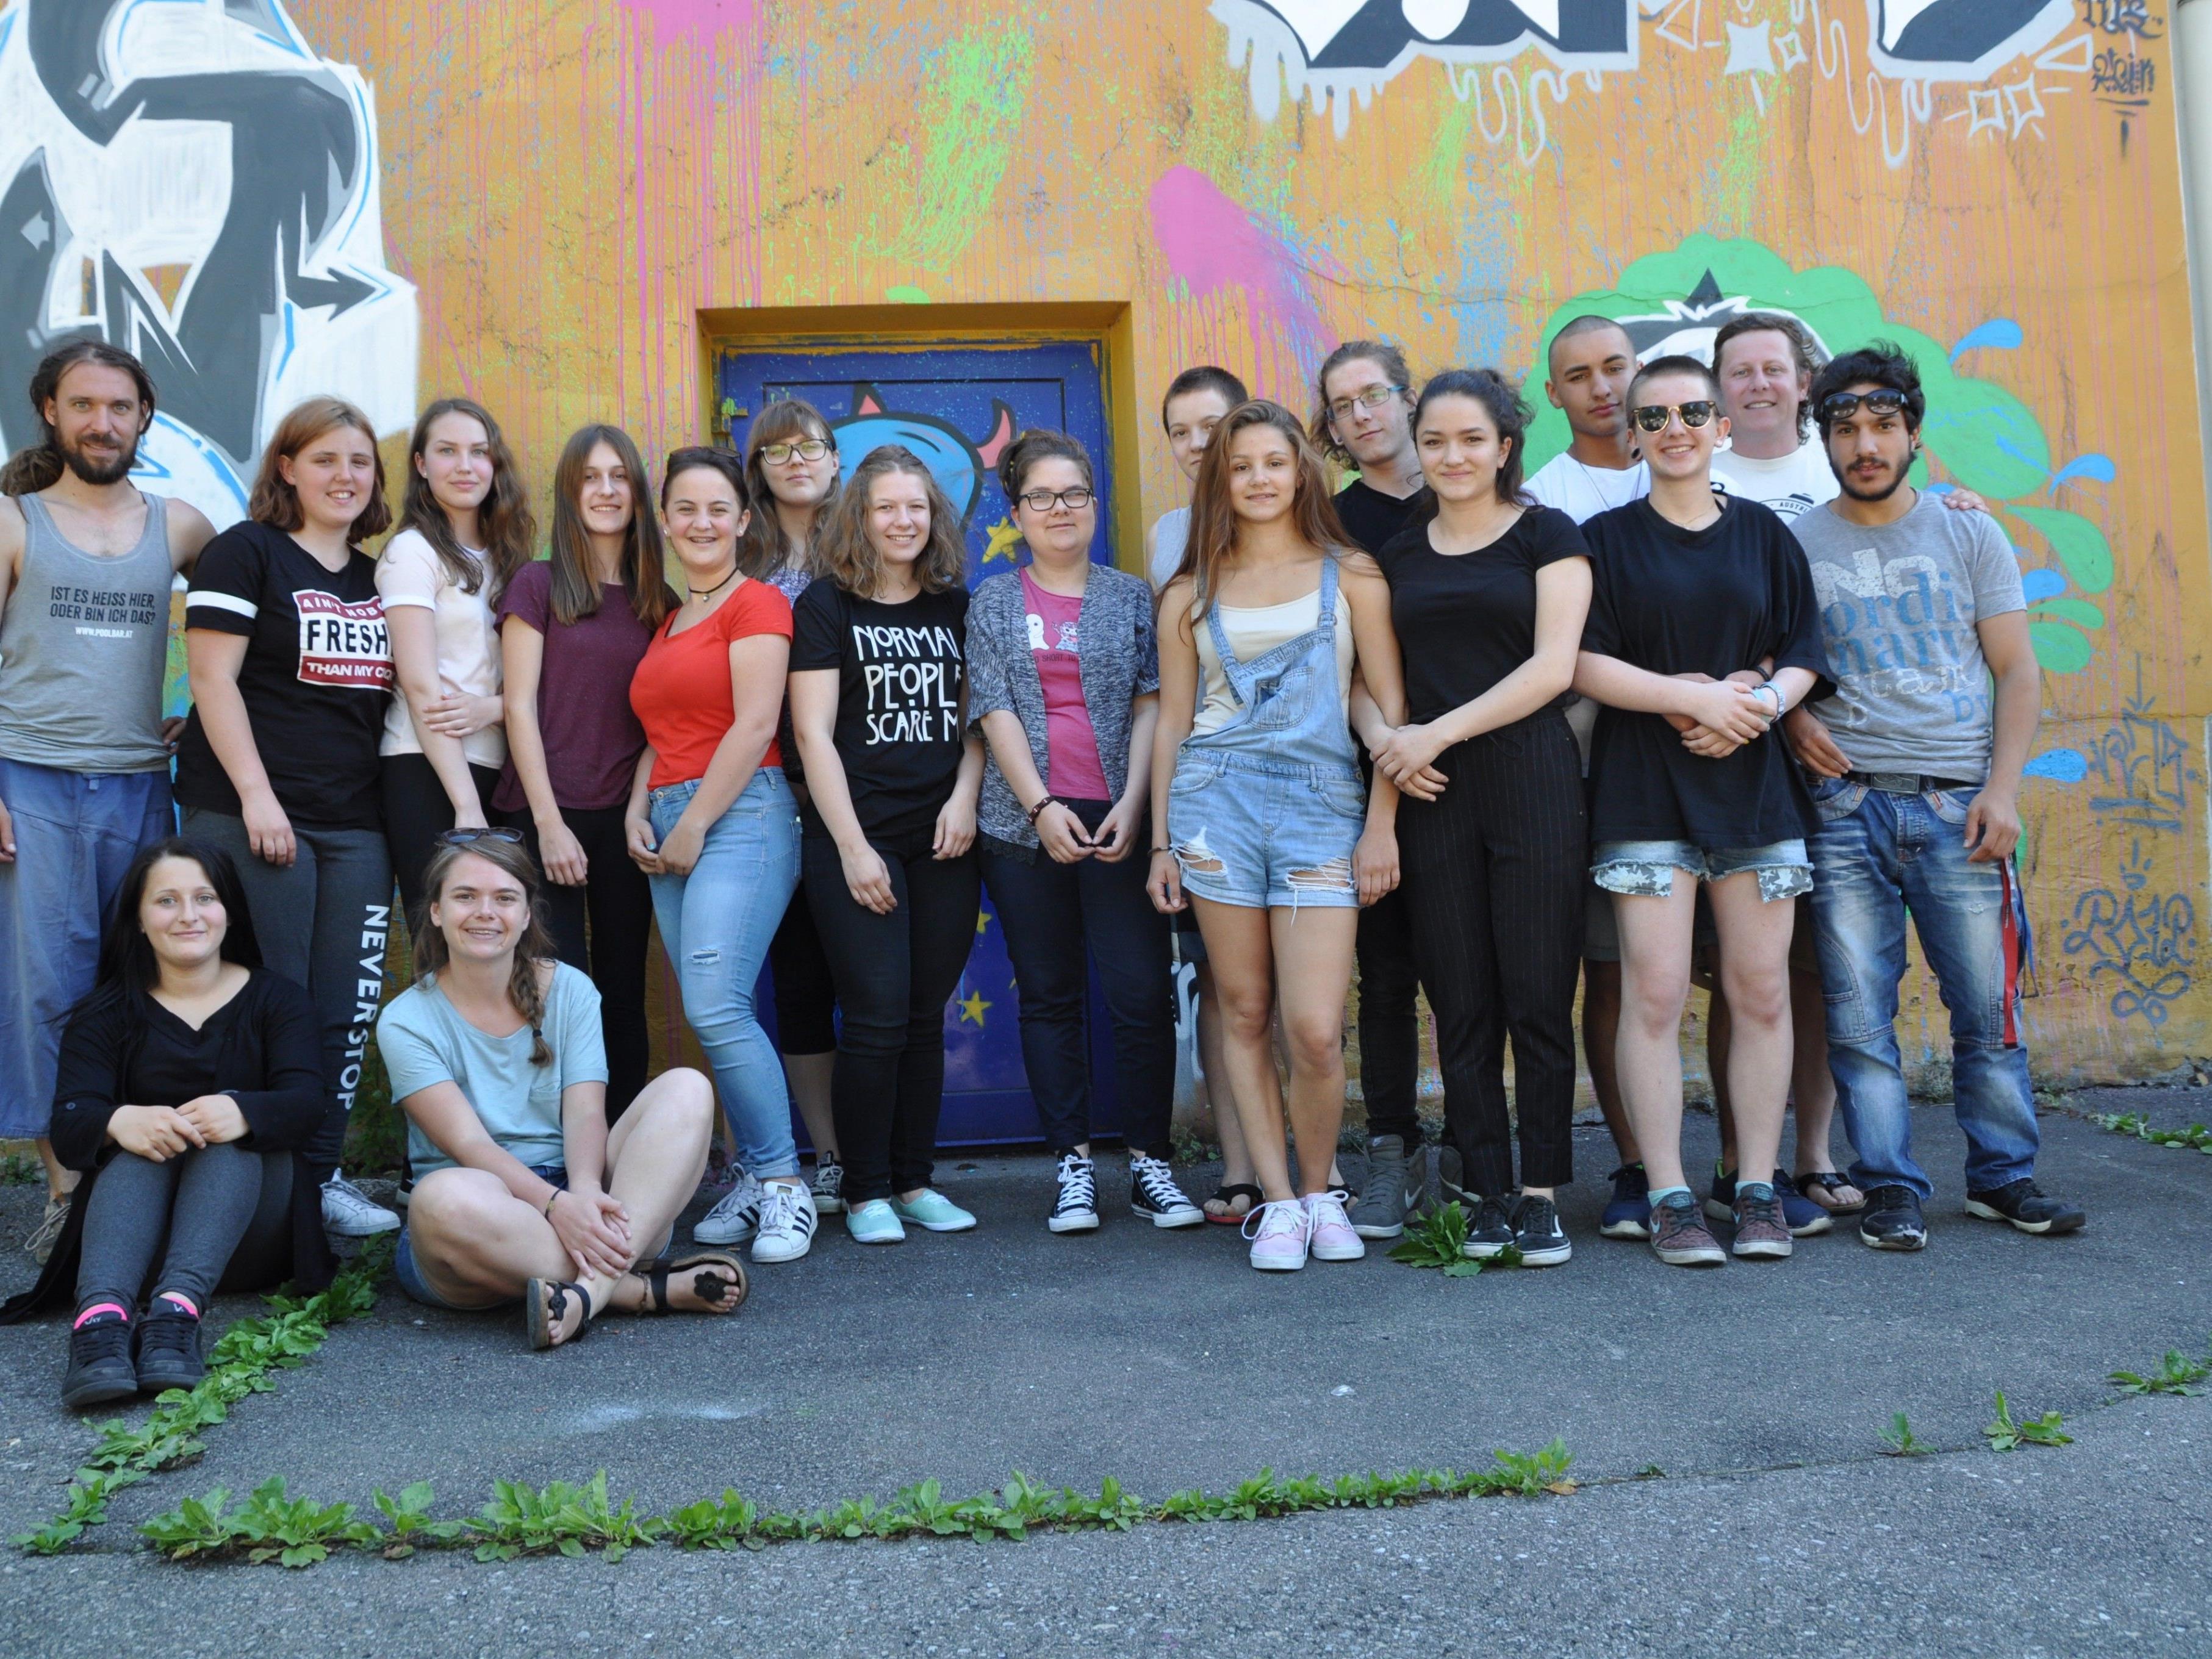 Die Projektgruppe aus Rankweil, Meiningen und Feldkirch mit der finnischen Delegation beim Vorbereitungsbesuch